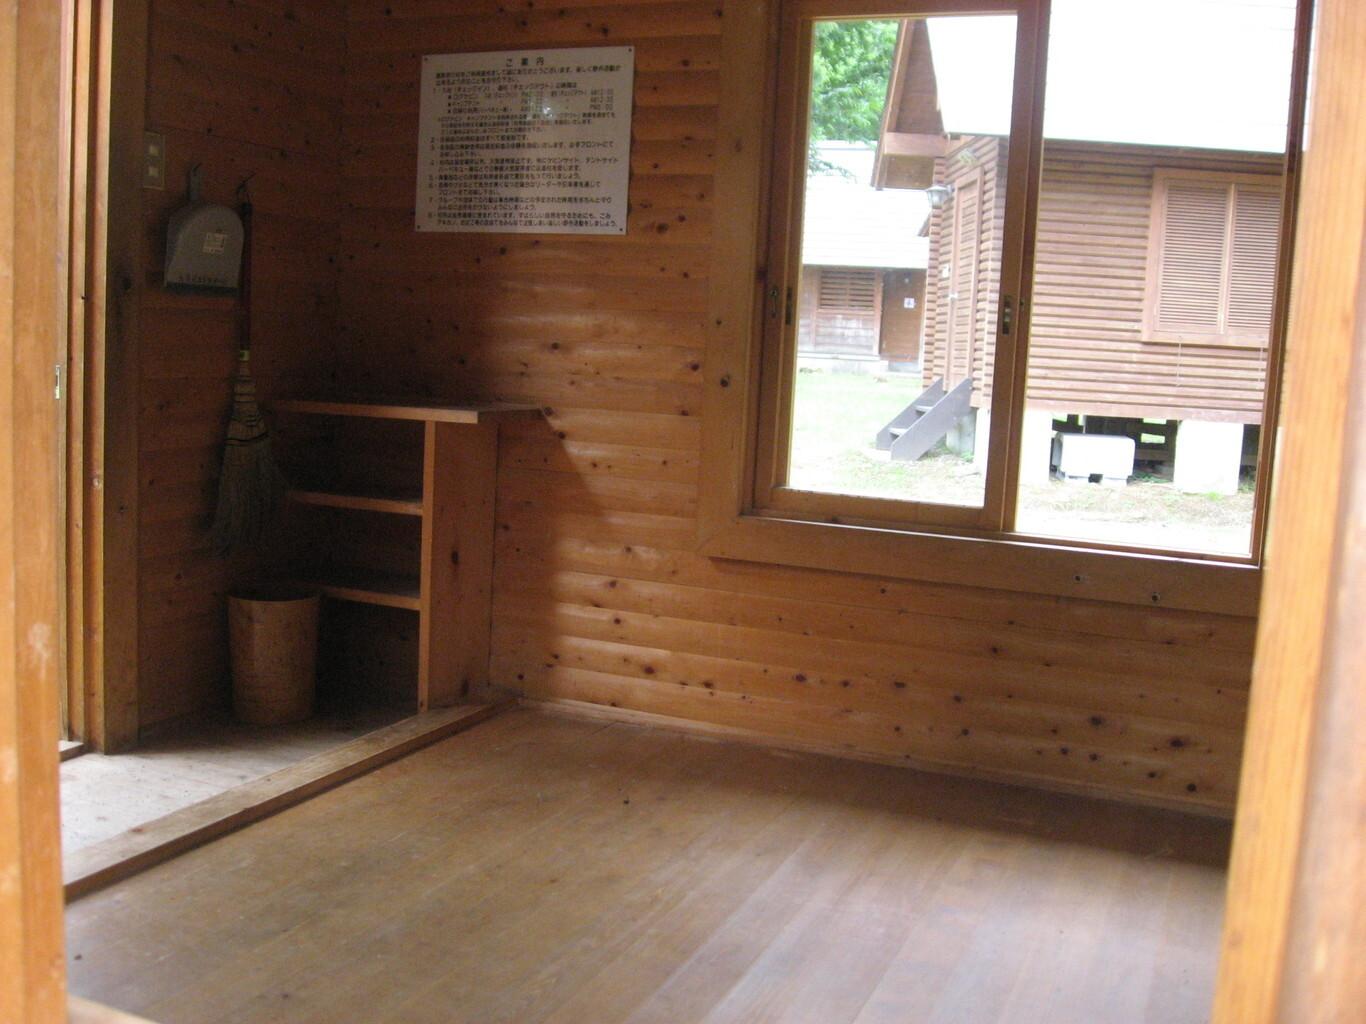 和泉前坂家族旅行村 前坂キャンプ場 の公式写真c8279